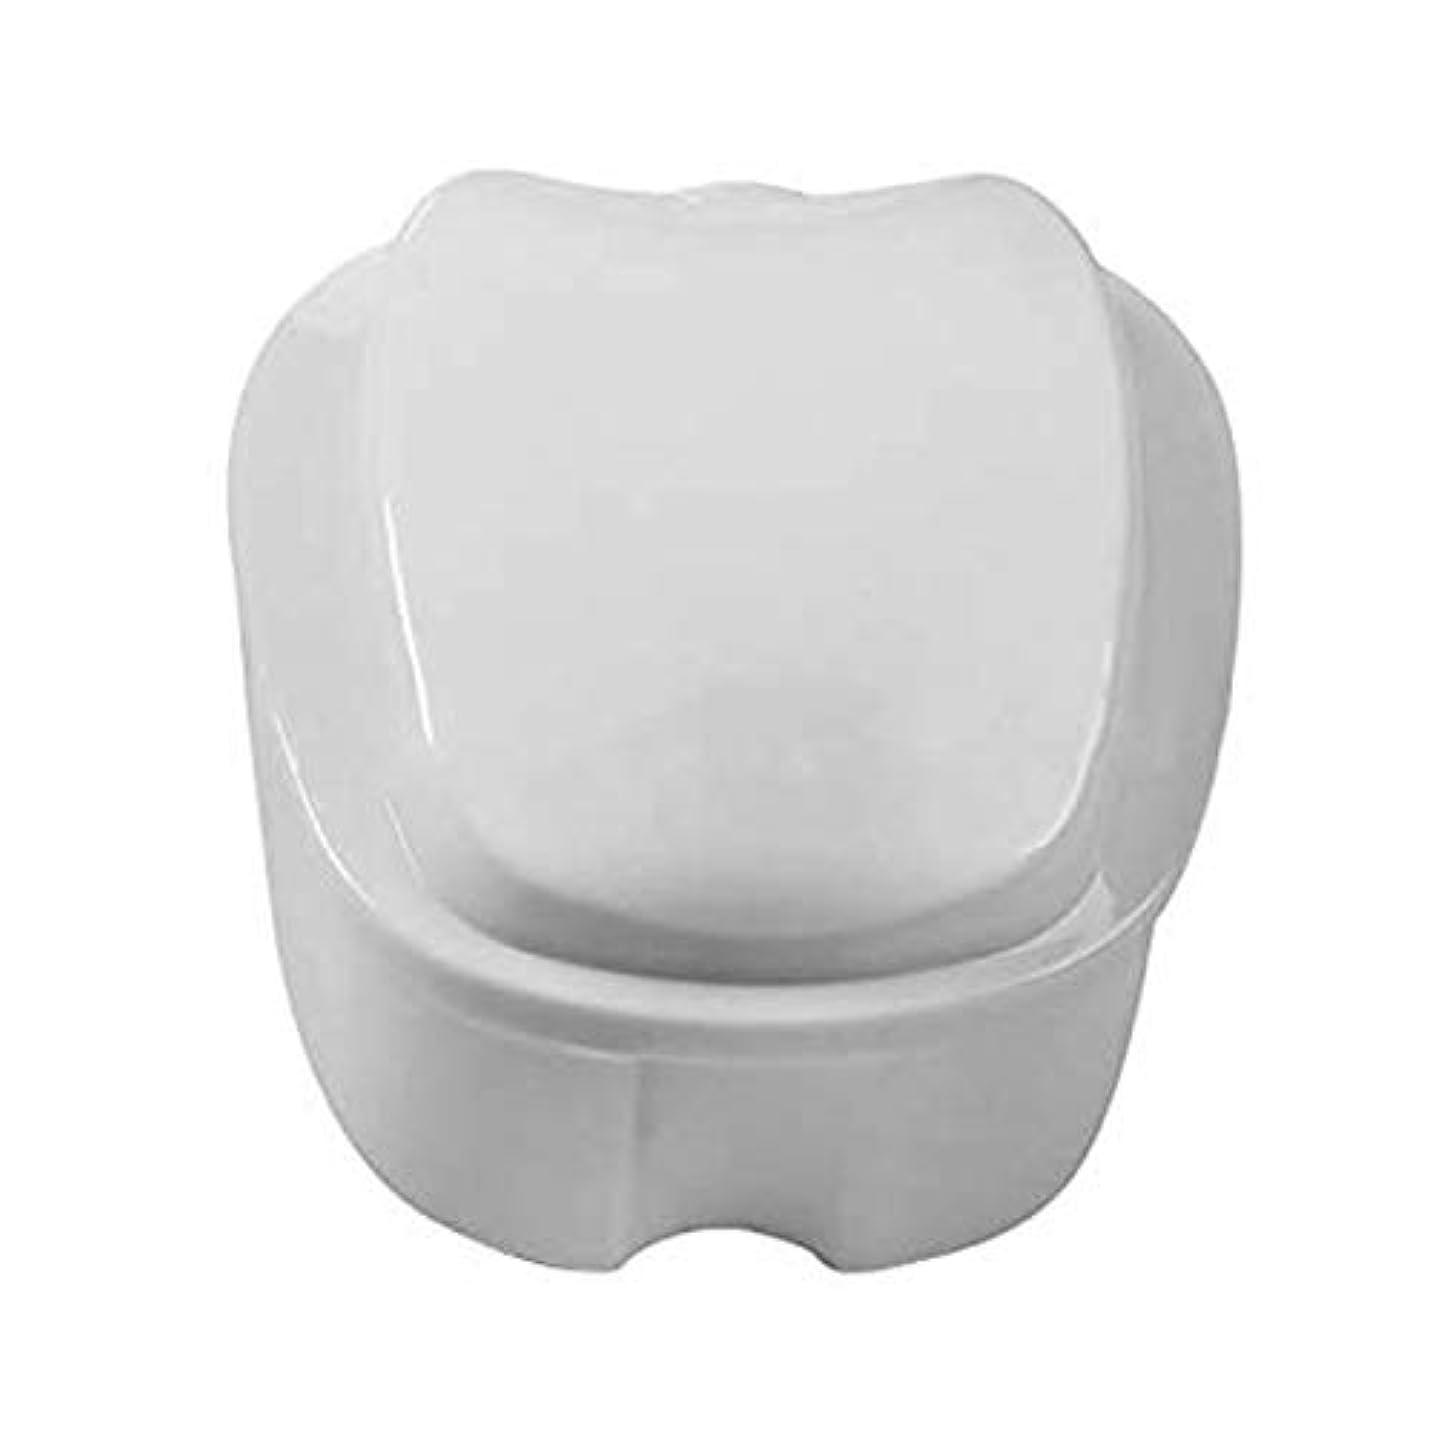 前に分類恒久的CoiTek 入れ歯 ケース 義歯容器 家庭旅行用 ストレーナー付き(ホワイト)